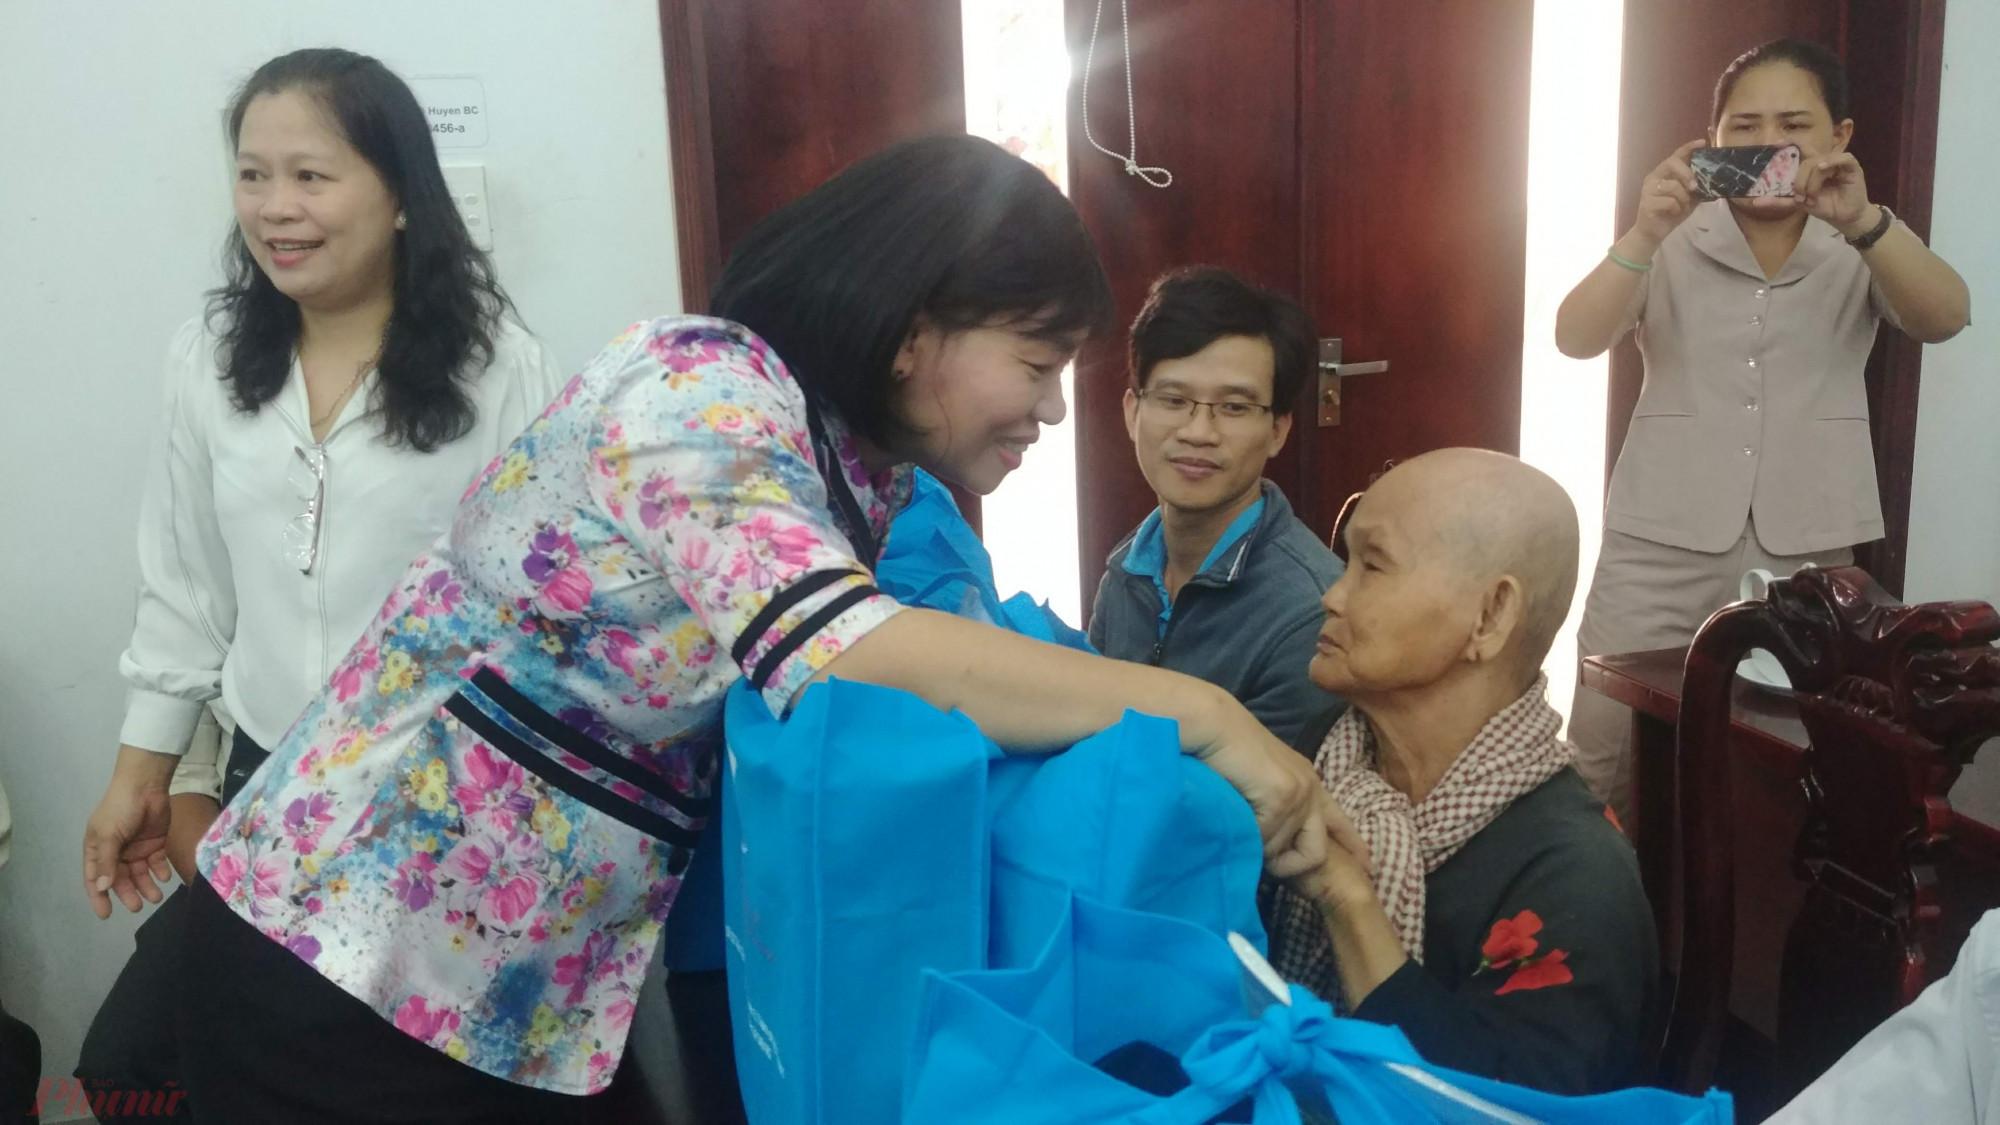 Bà Trần Thị Phương Hoa, Phó Chủ tịch Hội LHPN TP.HCM tặng quà và chúc tết đến phụ nữ huyện Bình Chánh.